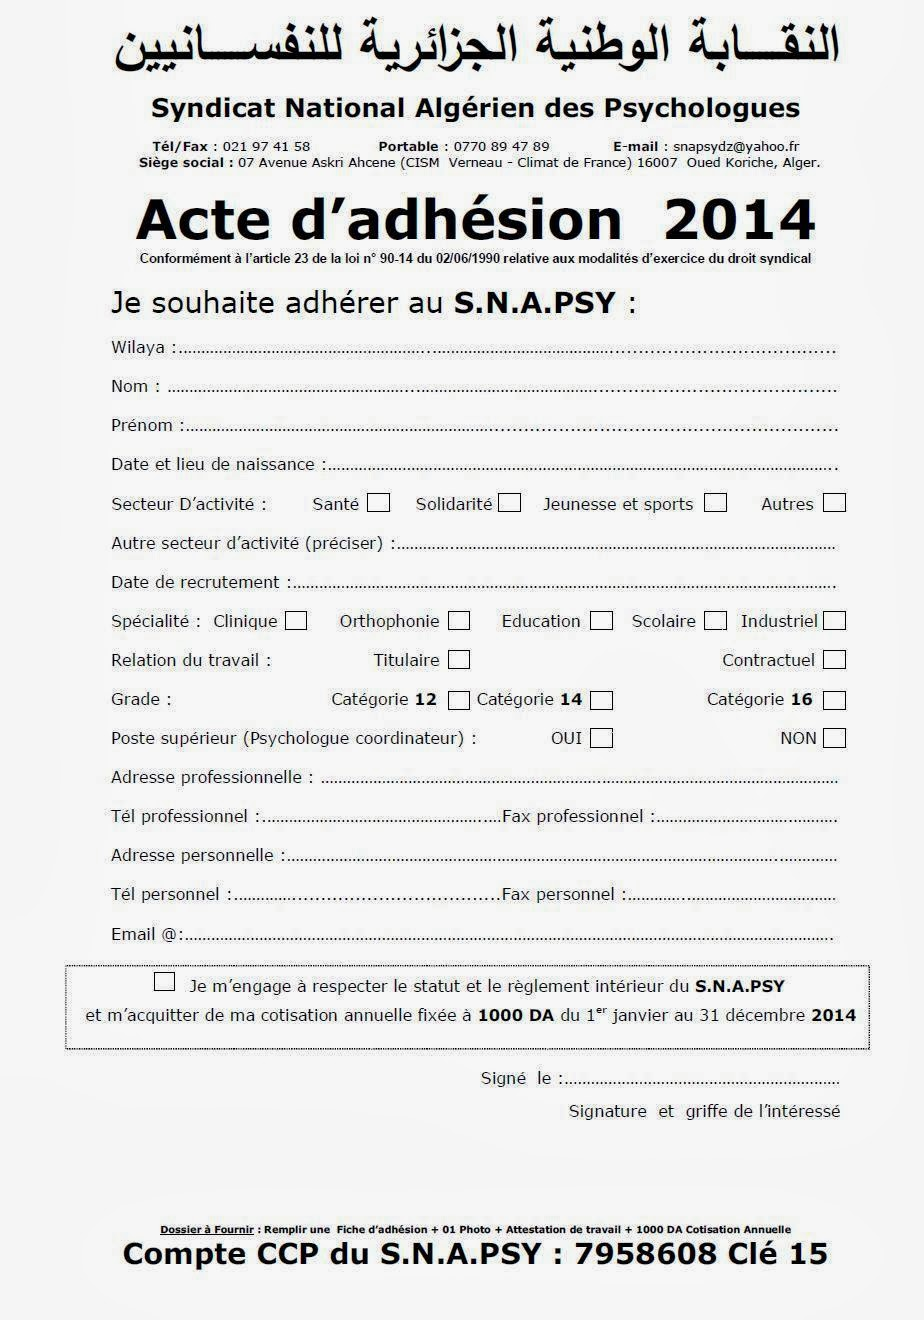 Fiche d'adhésion 2014